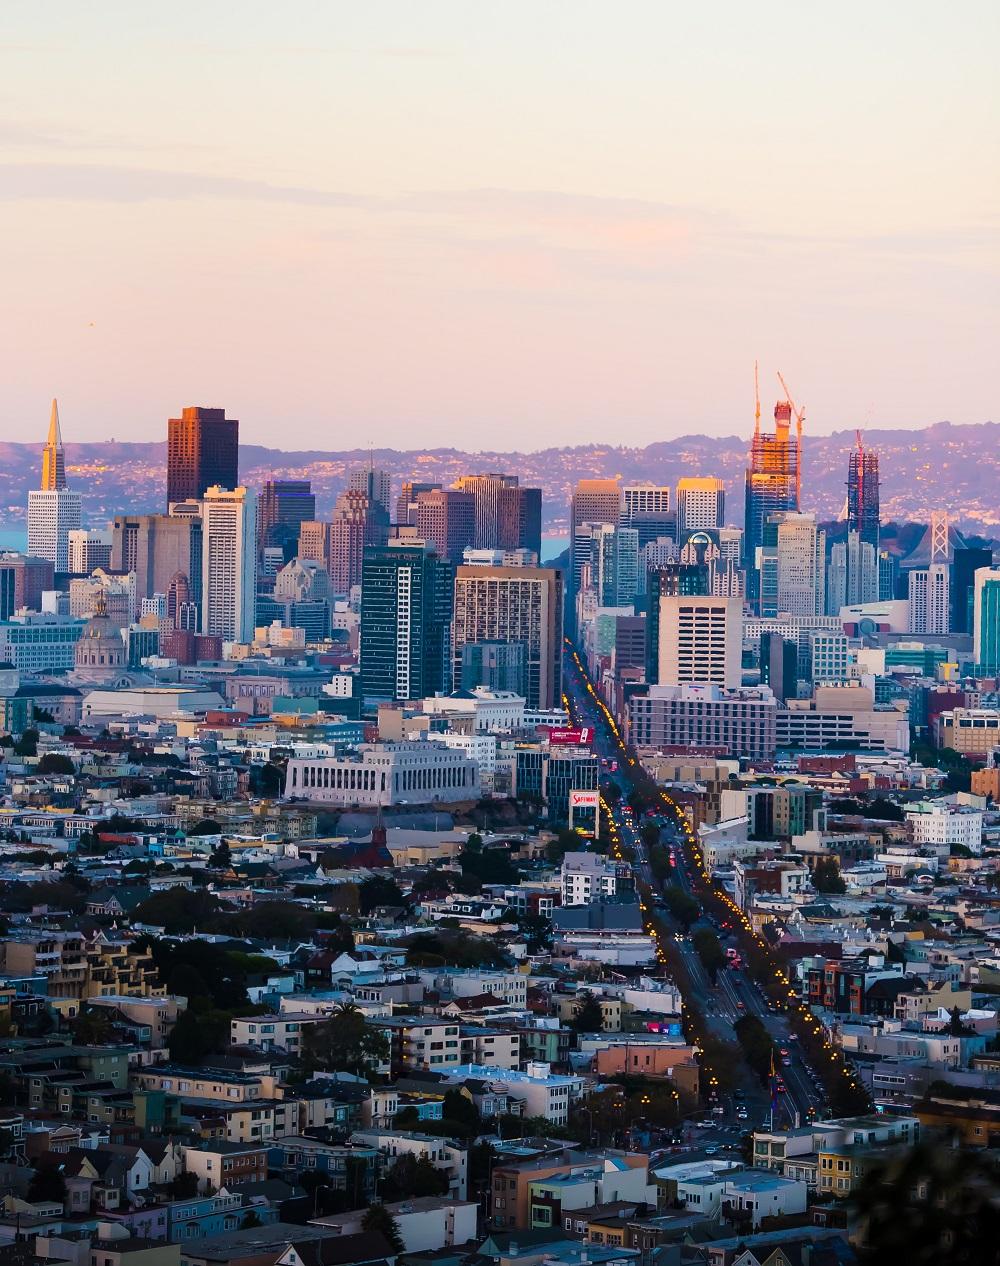 L'ouest américain - San Francisco